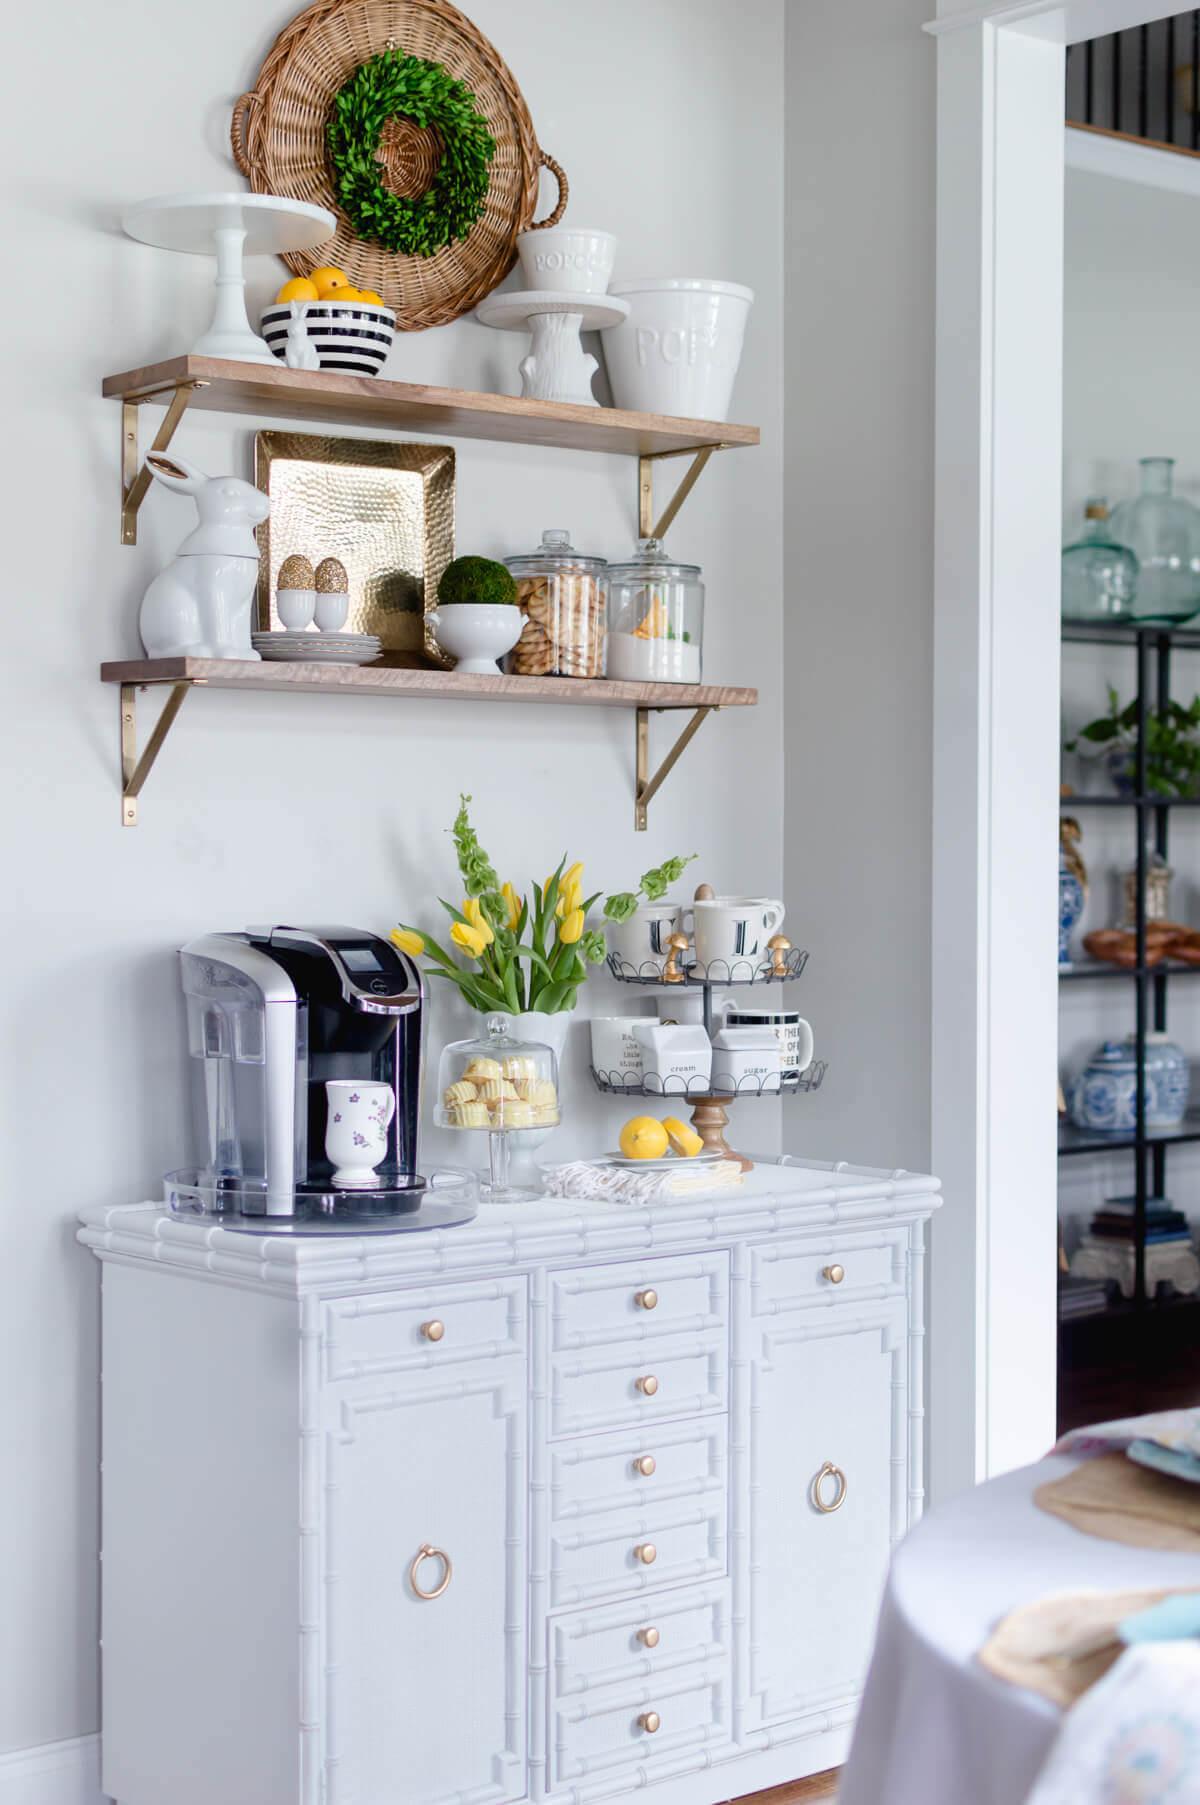 Come decorare la cucina in stile country idea n with come - Decorare la cucina ...